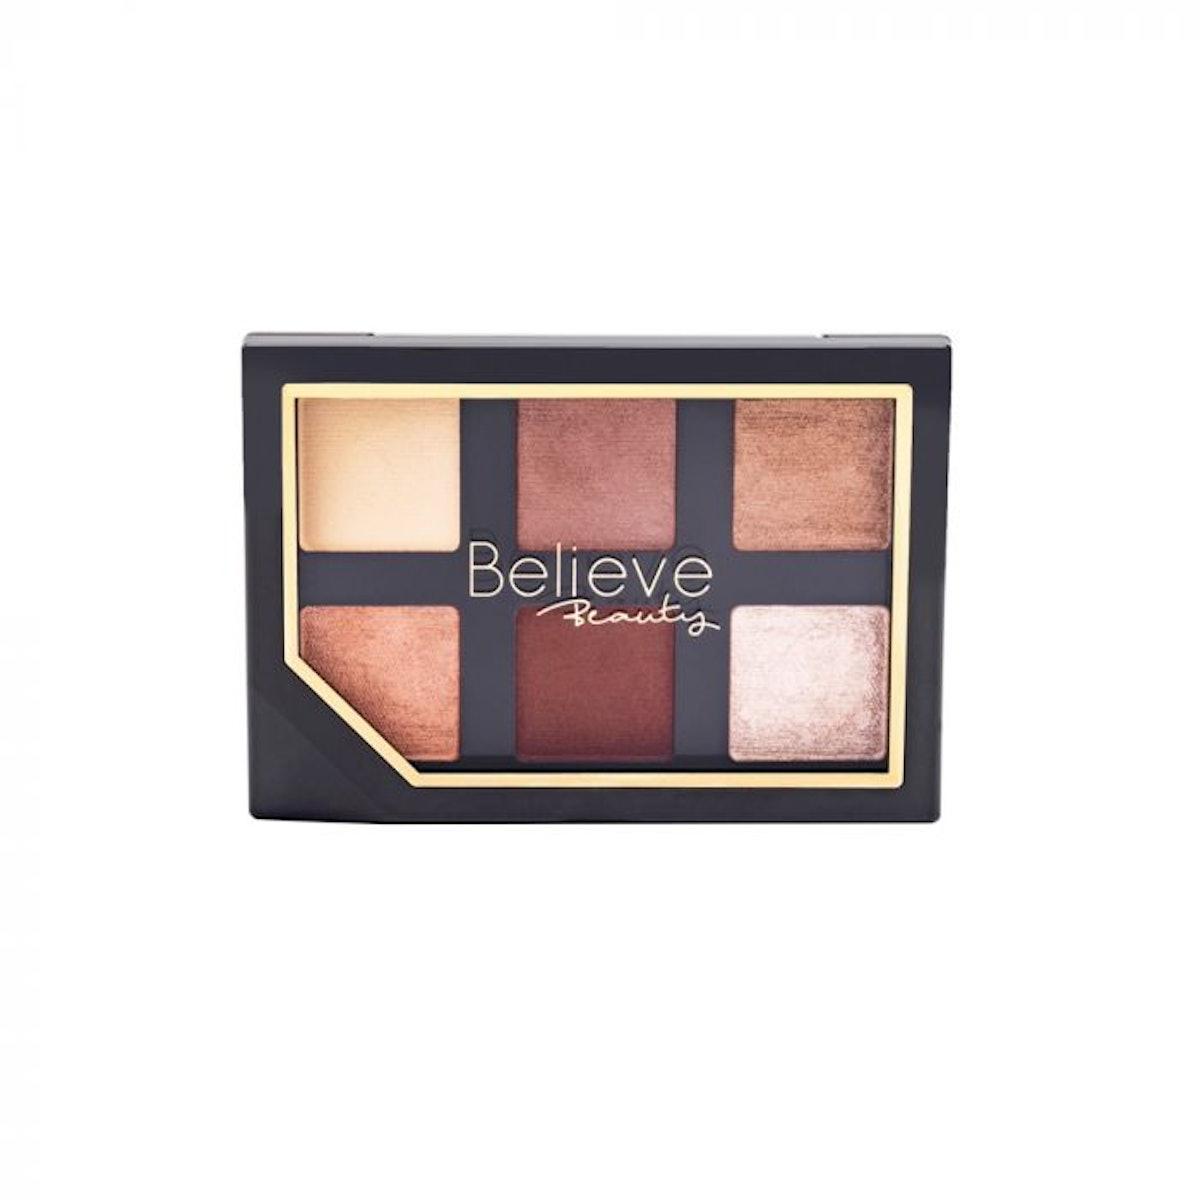 Believe Beauty Eyeshadow Palette - Nearly Nude